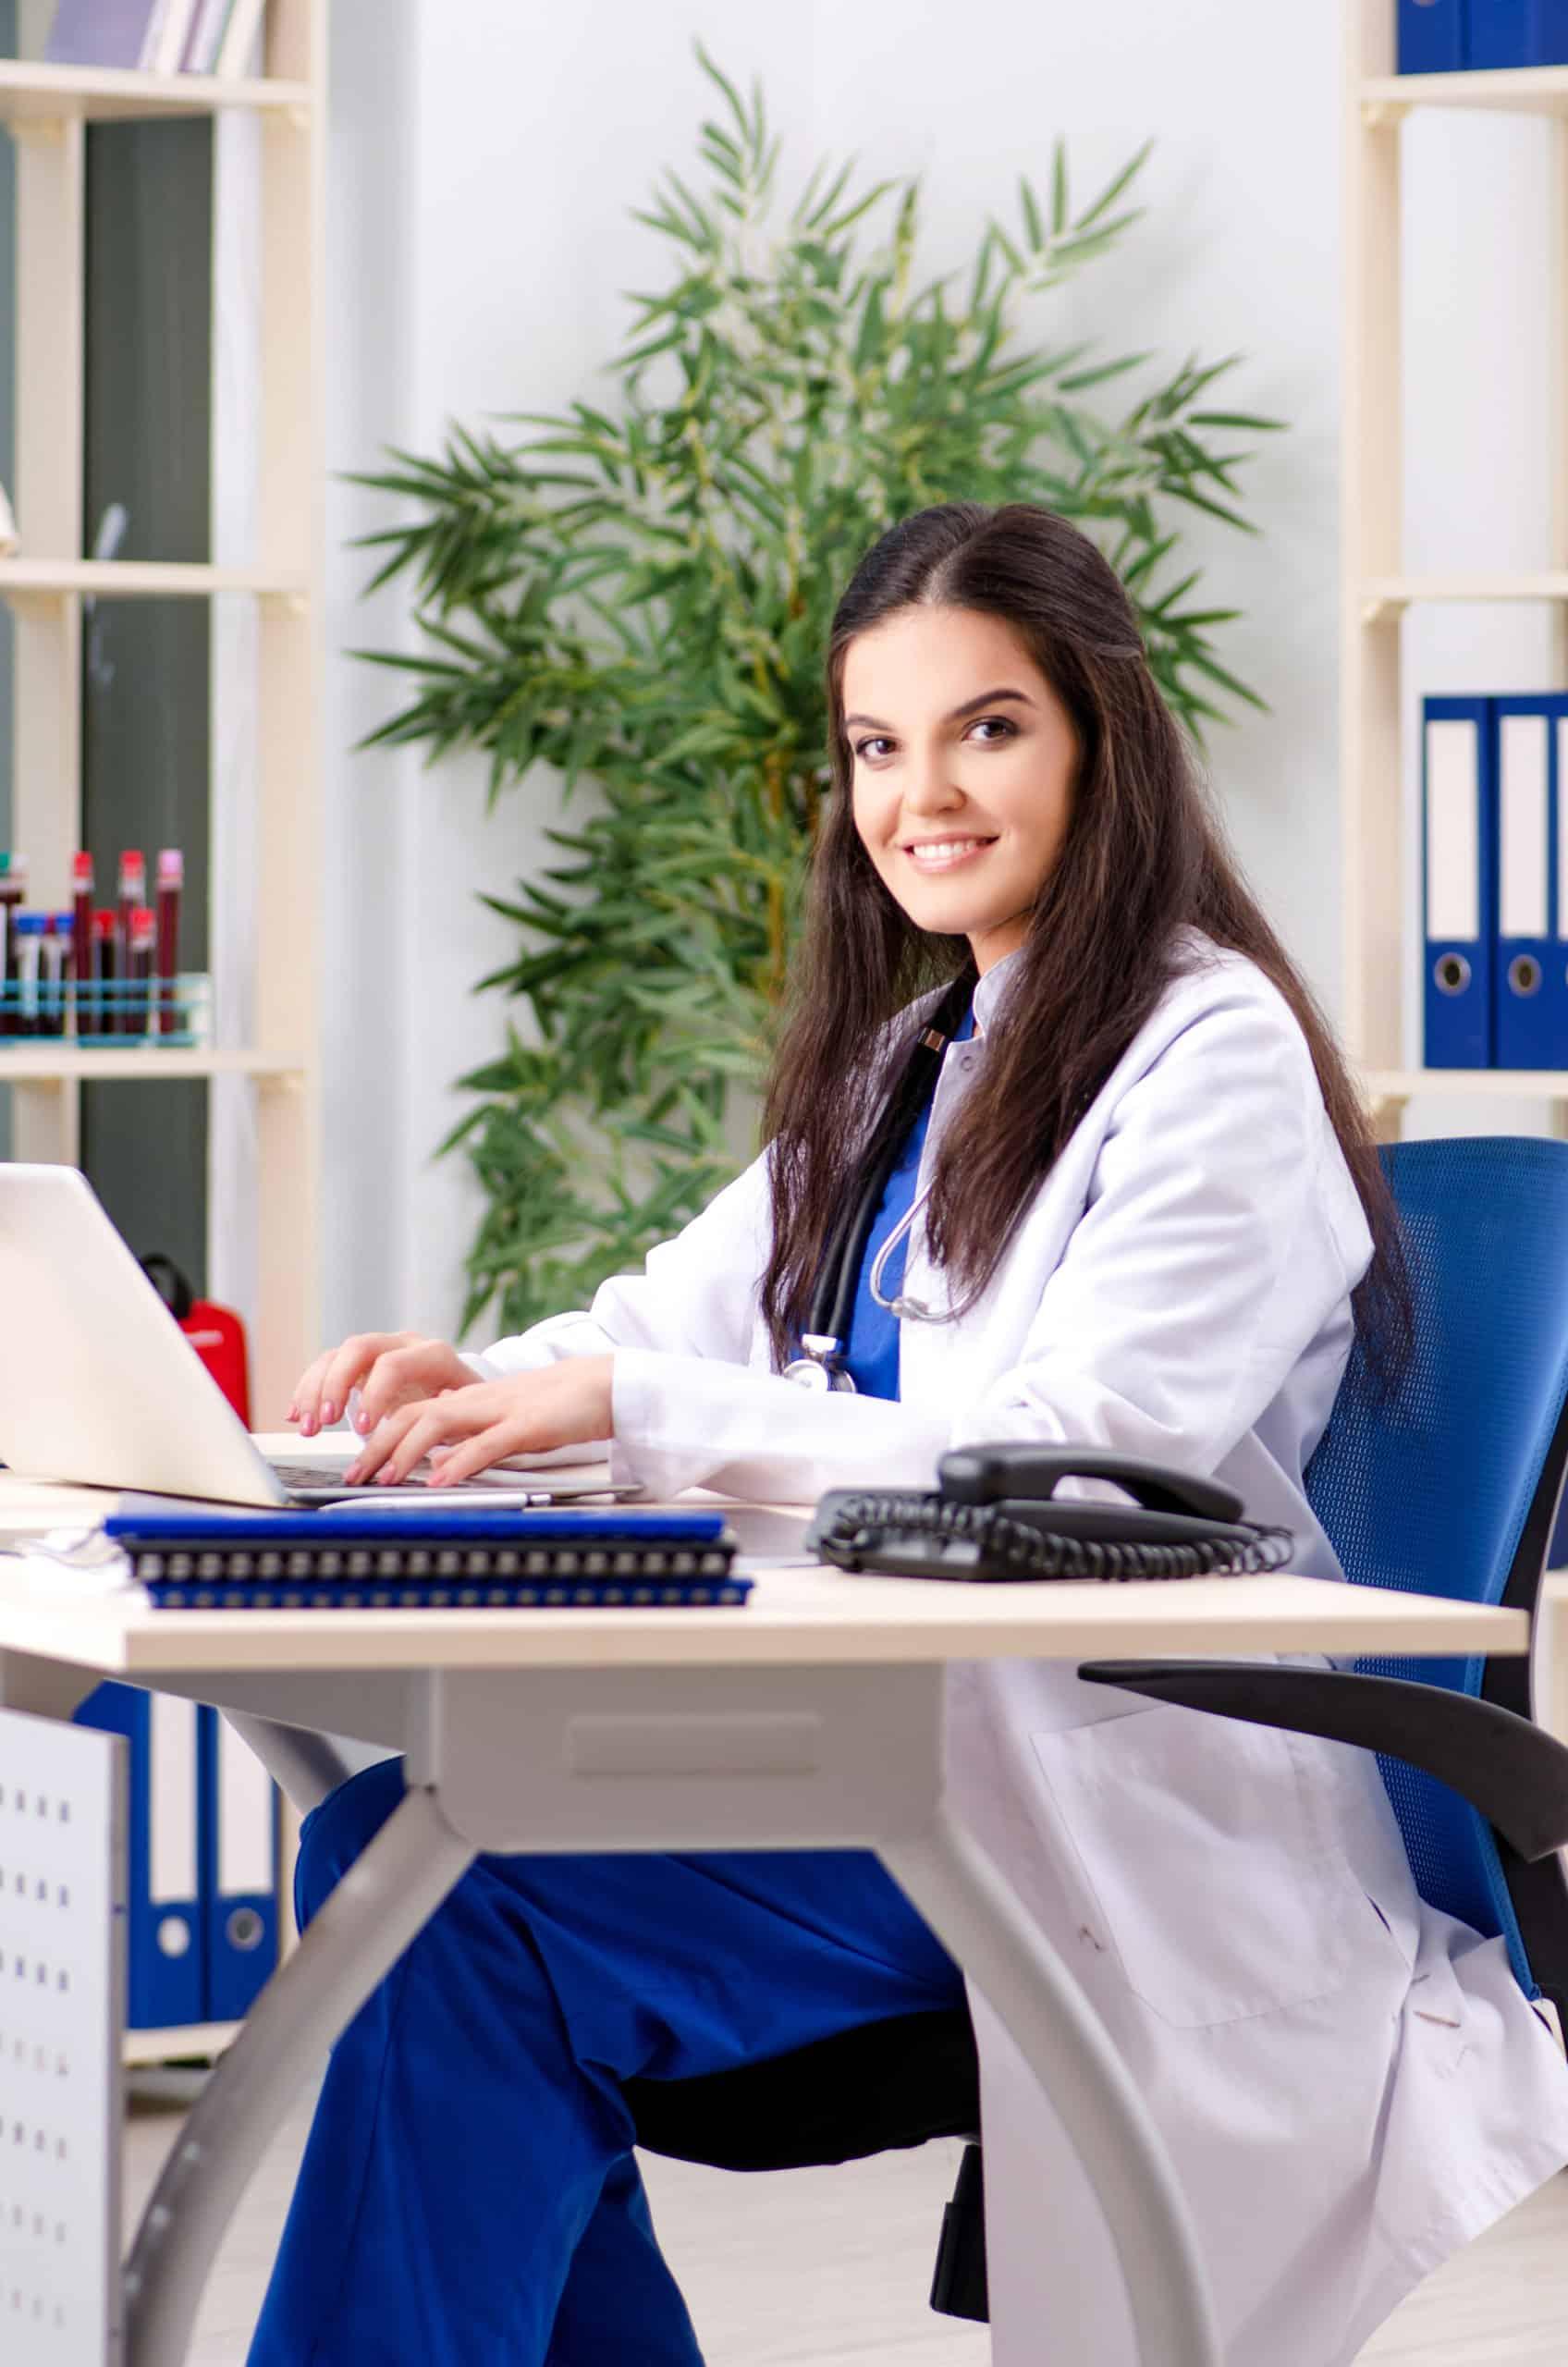 Telemedicine and Postoperative Care